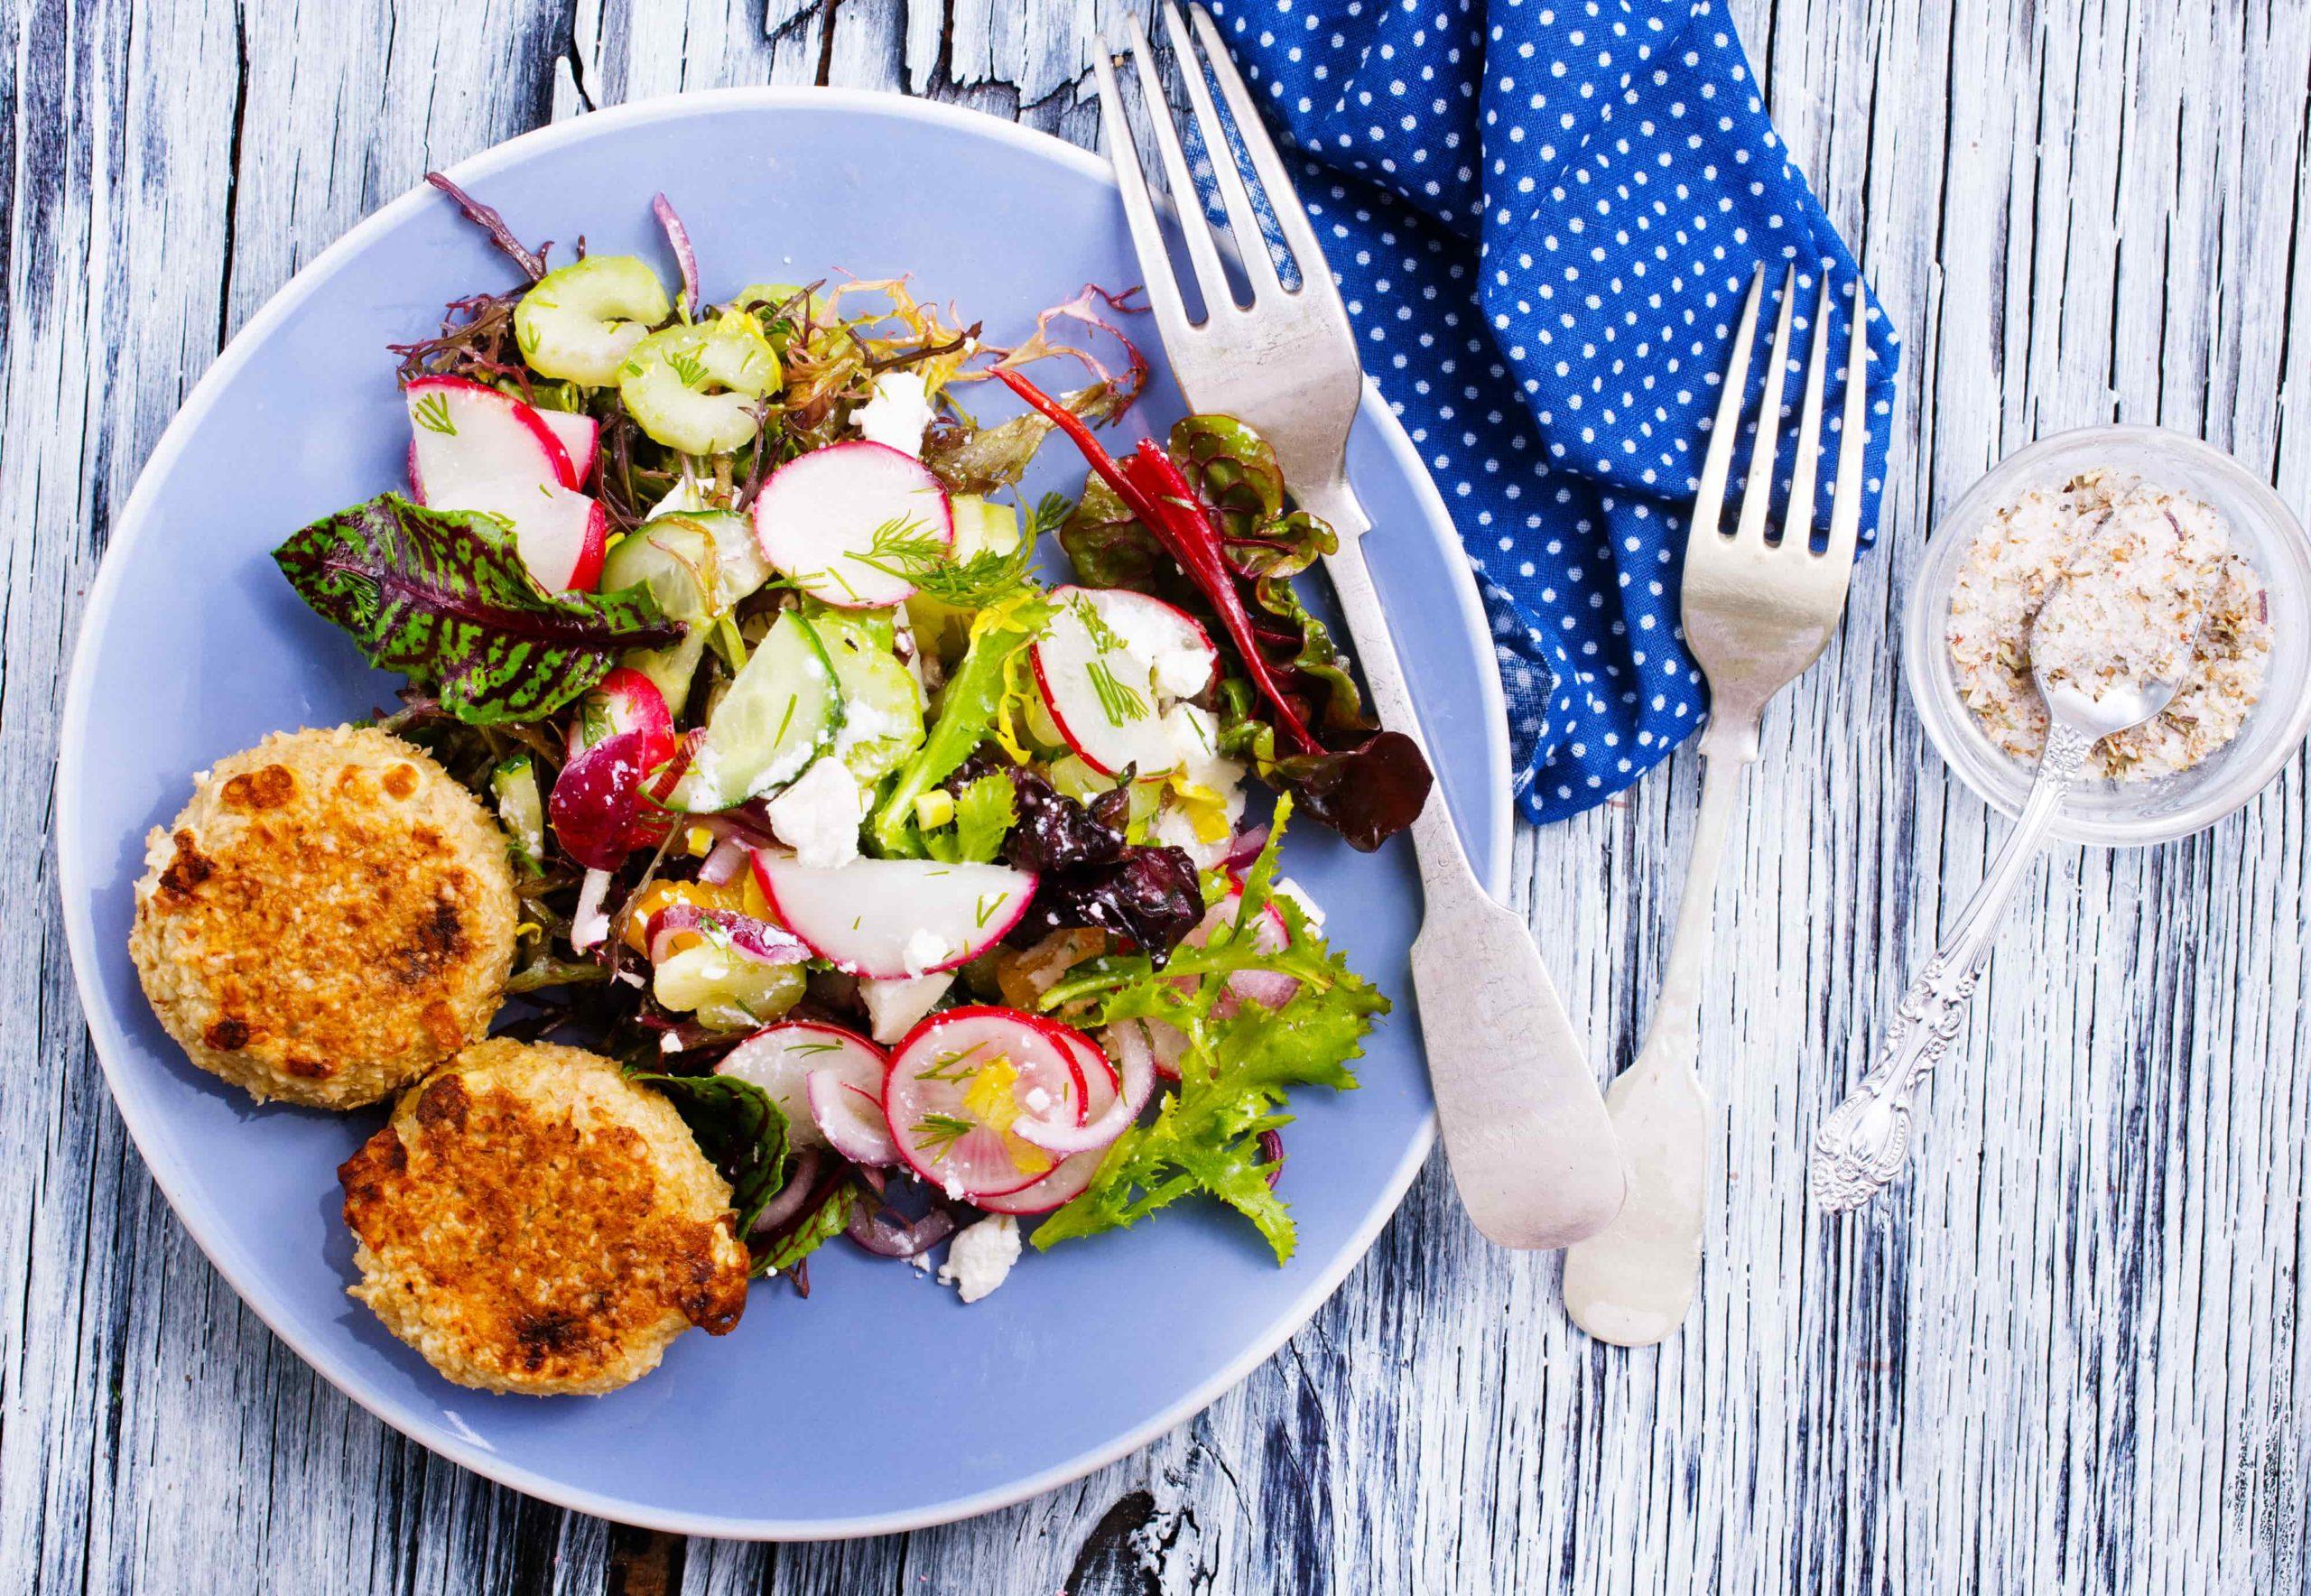 Рецепты ПП ужина. Правильное питание на ужин в домашних условиях